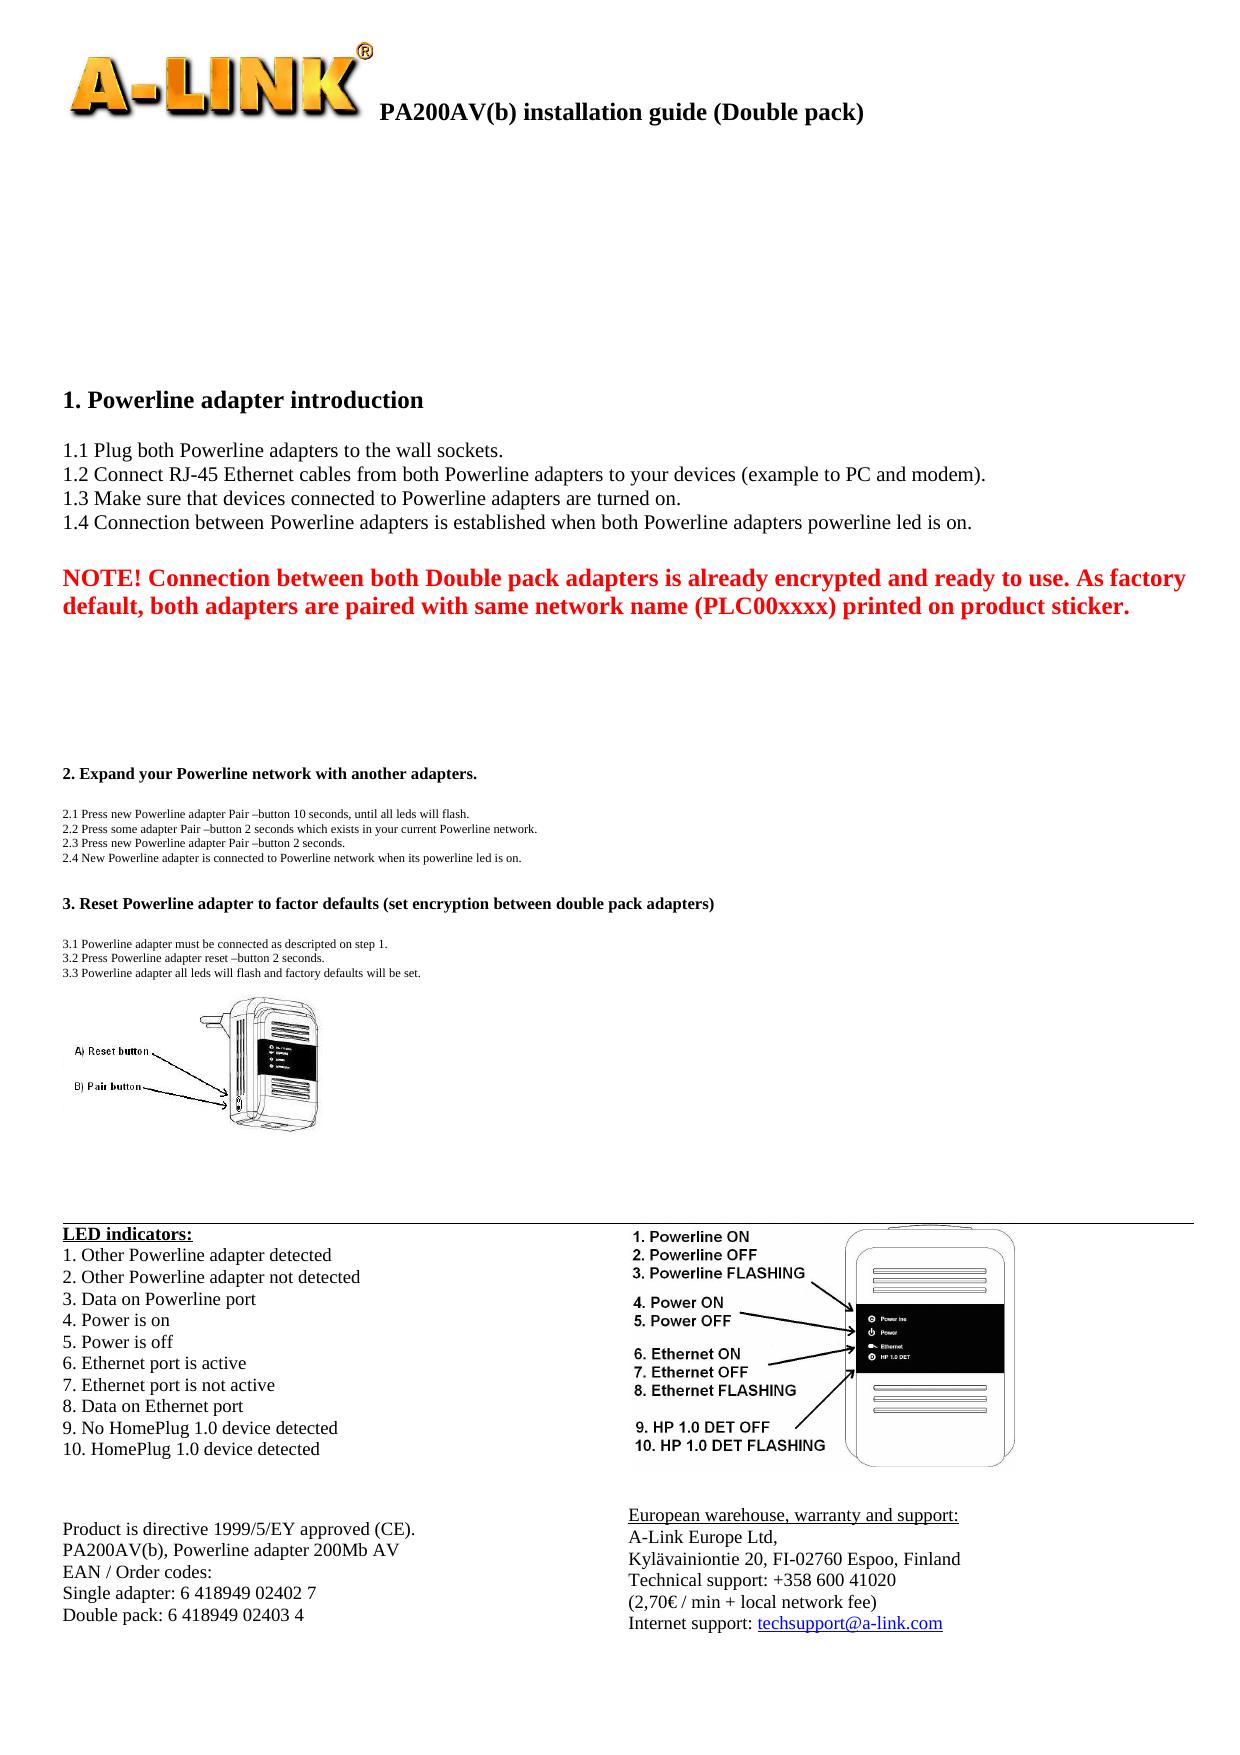 A-link PA200AV Windows 7